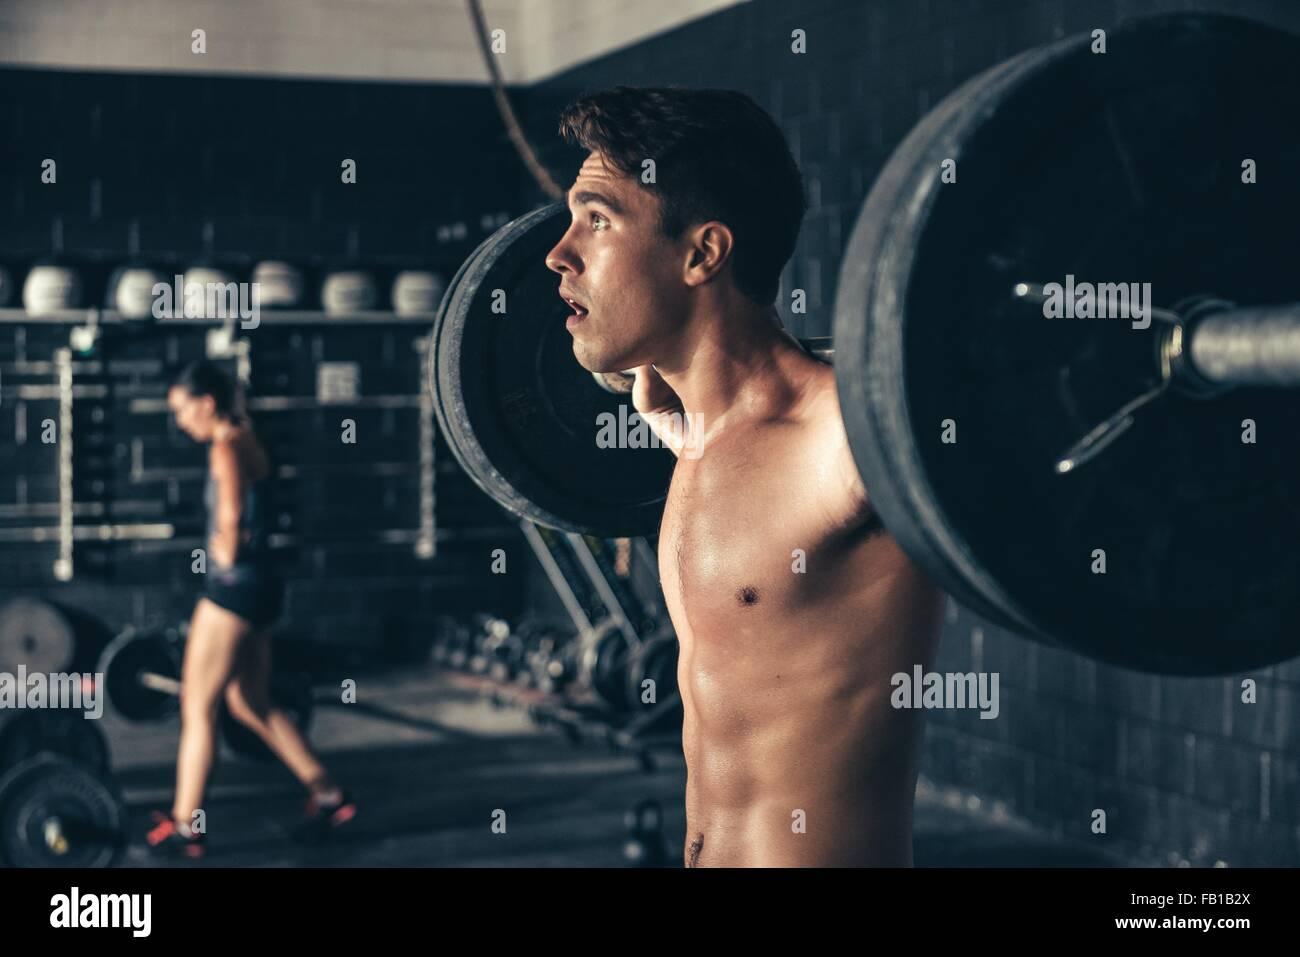 Man lifting barbell sur les épaules en salle de sport Photo Stock